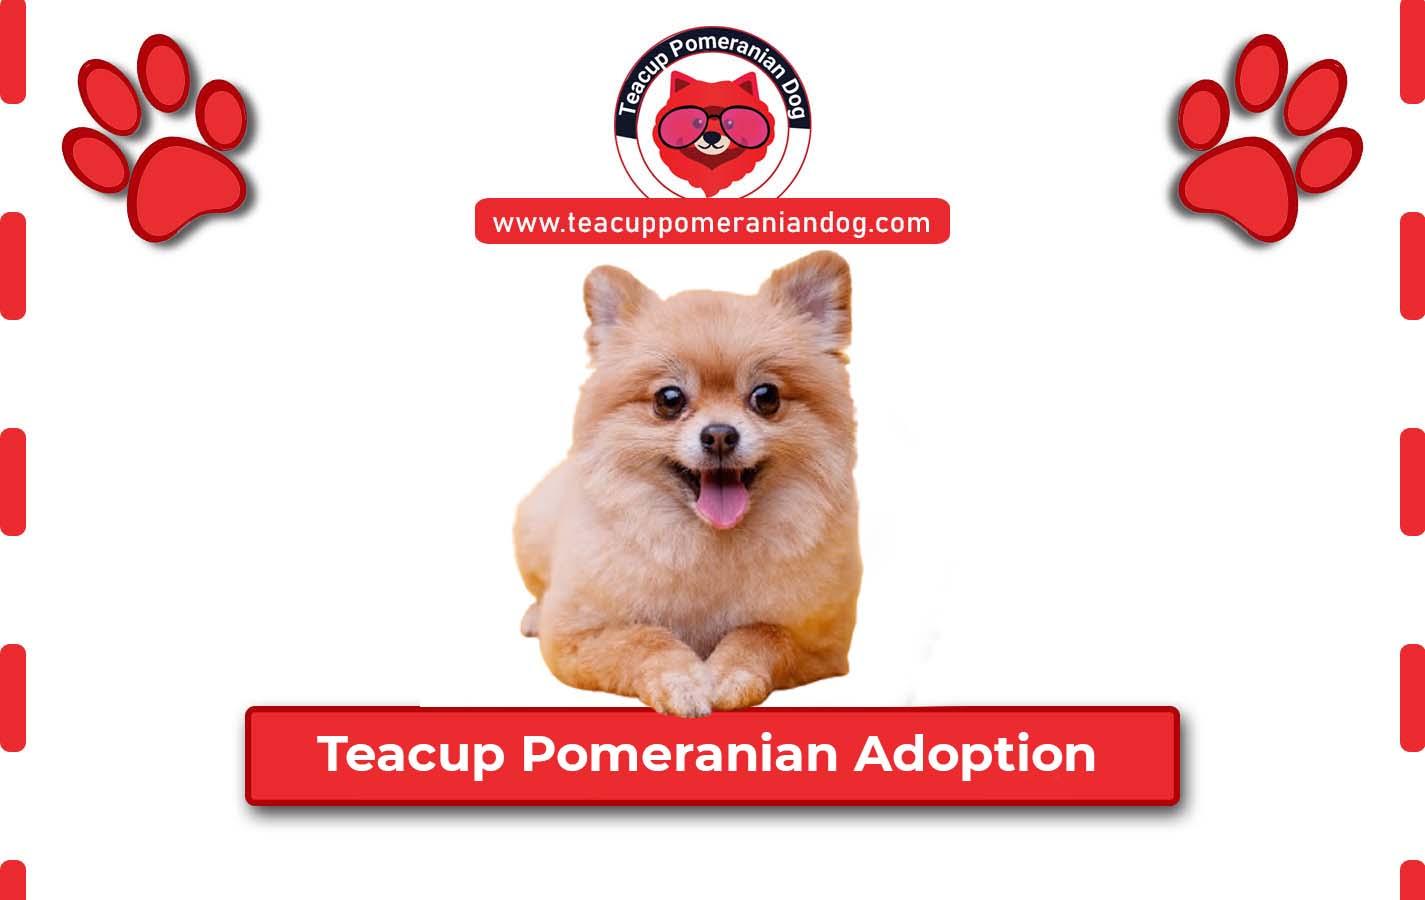 Teacup Pomeranian Adoption